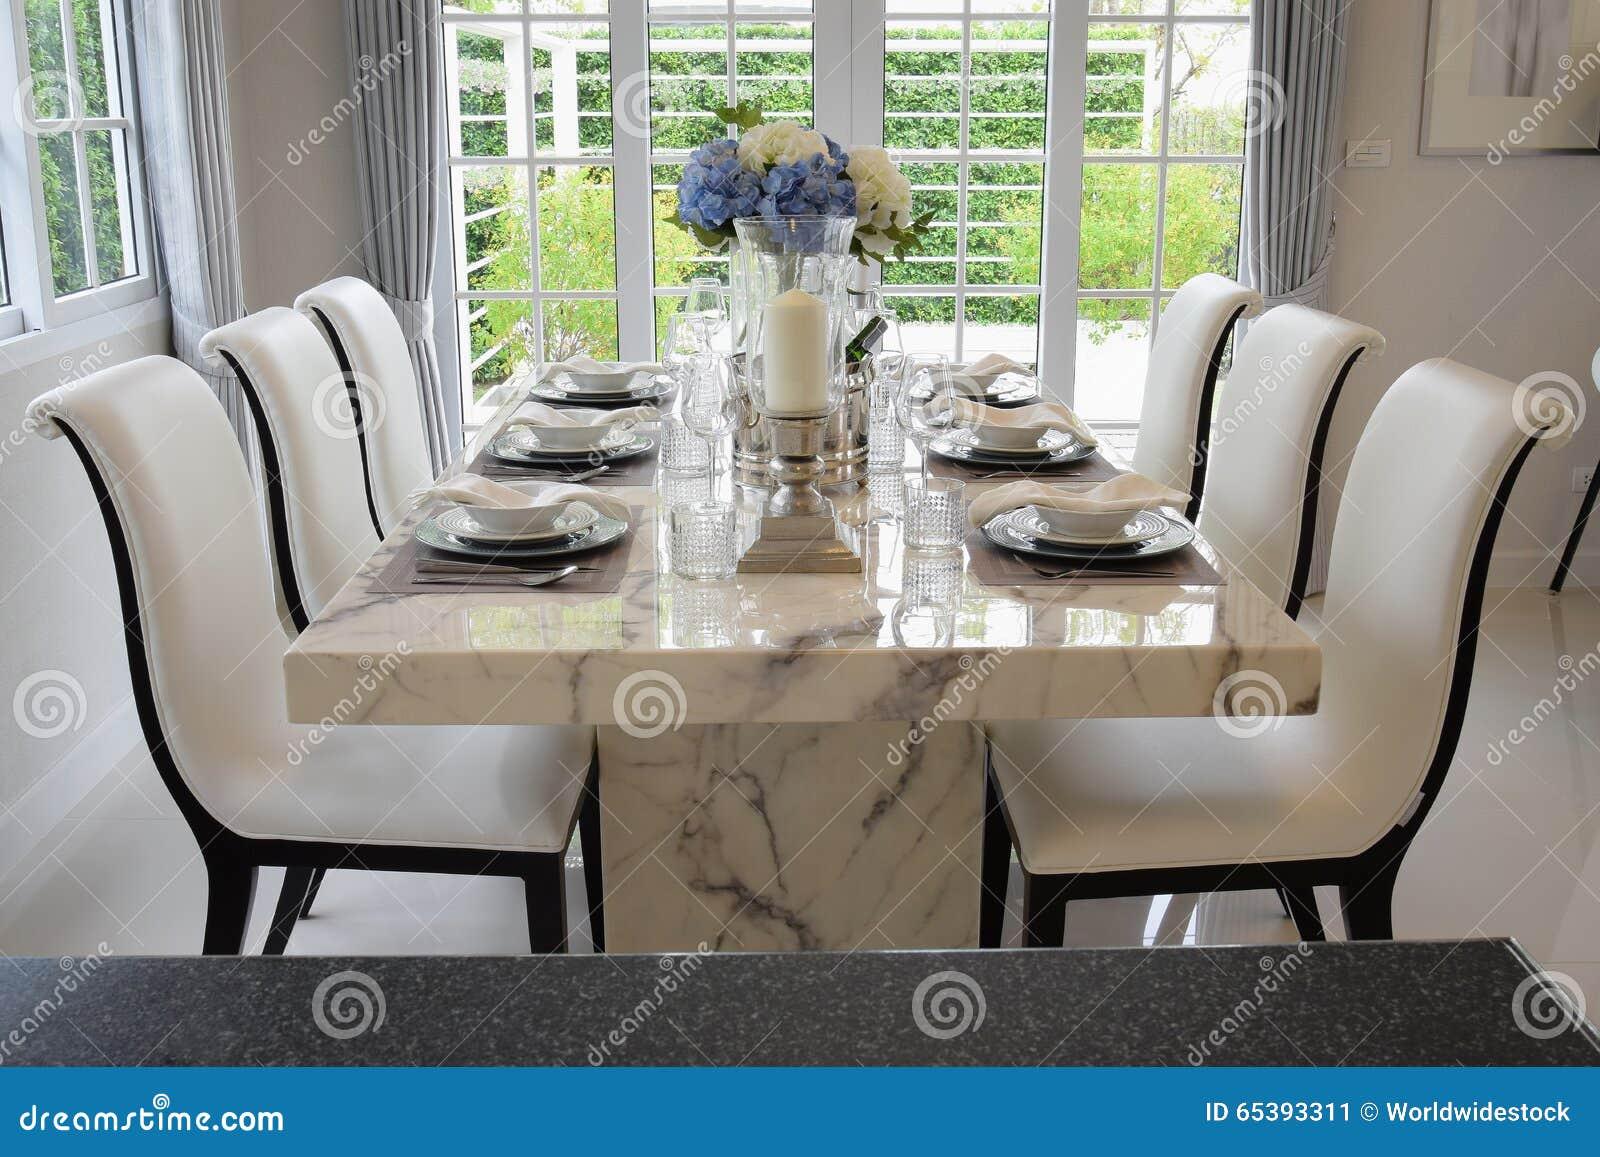 Tavolo da pranzo con la regolazione elegante della tavola - Tavola da pranzo ...